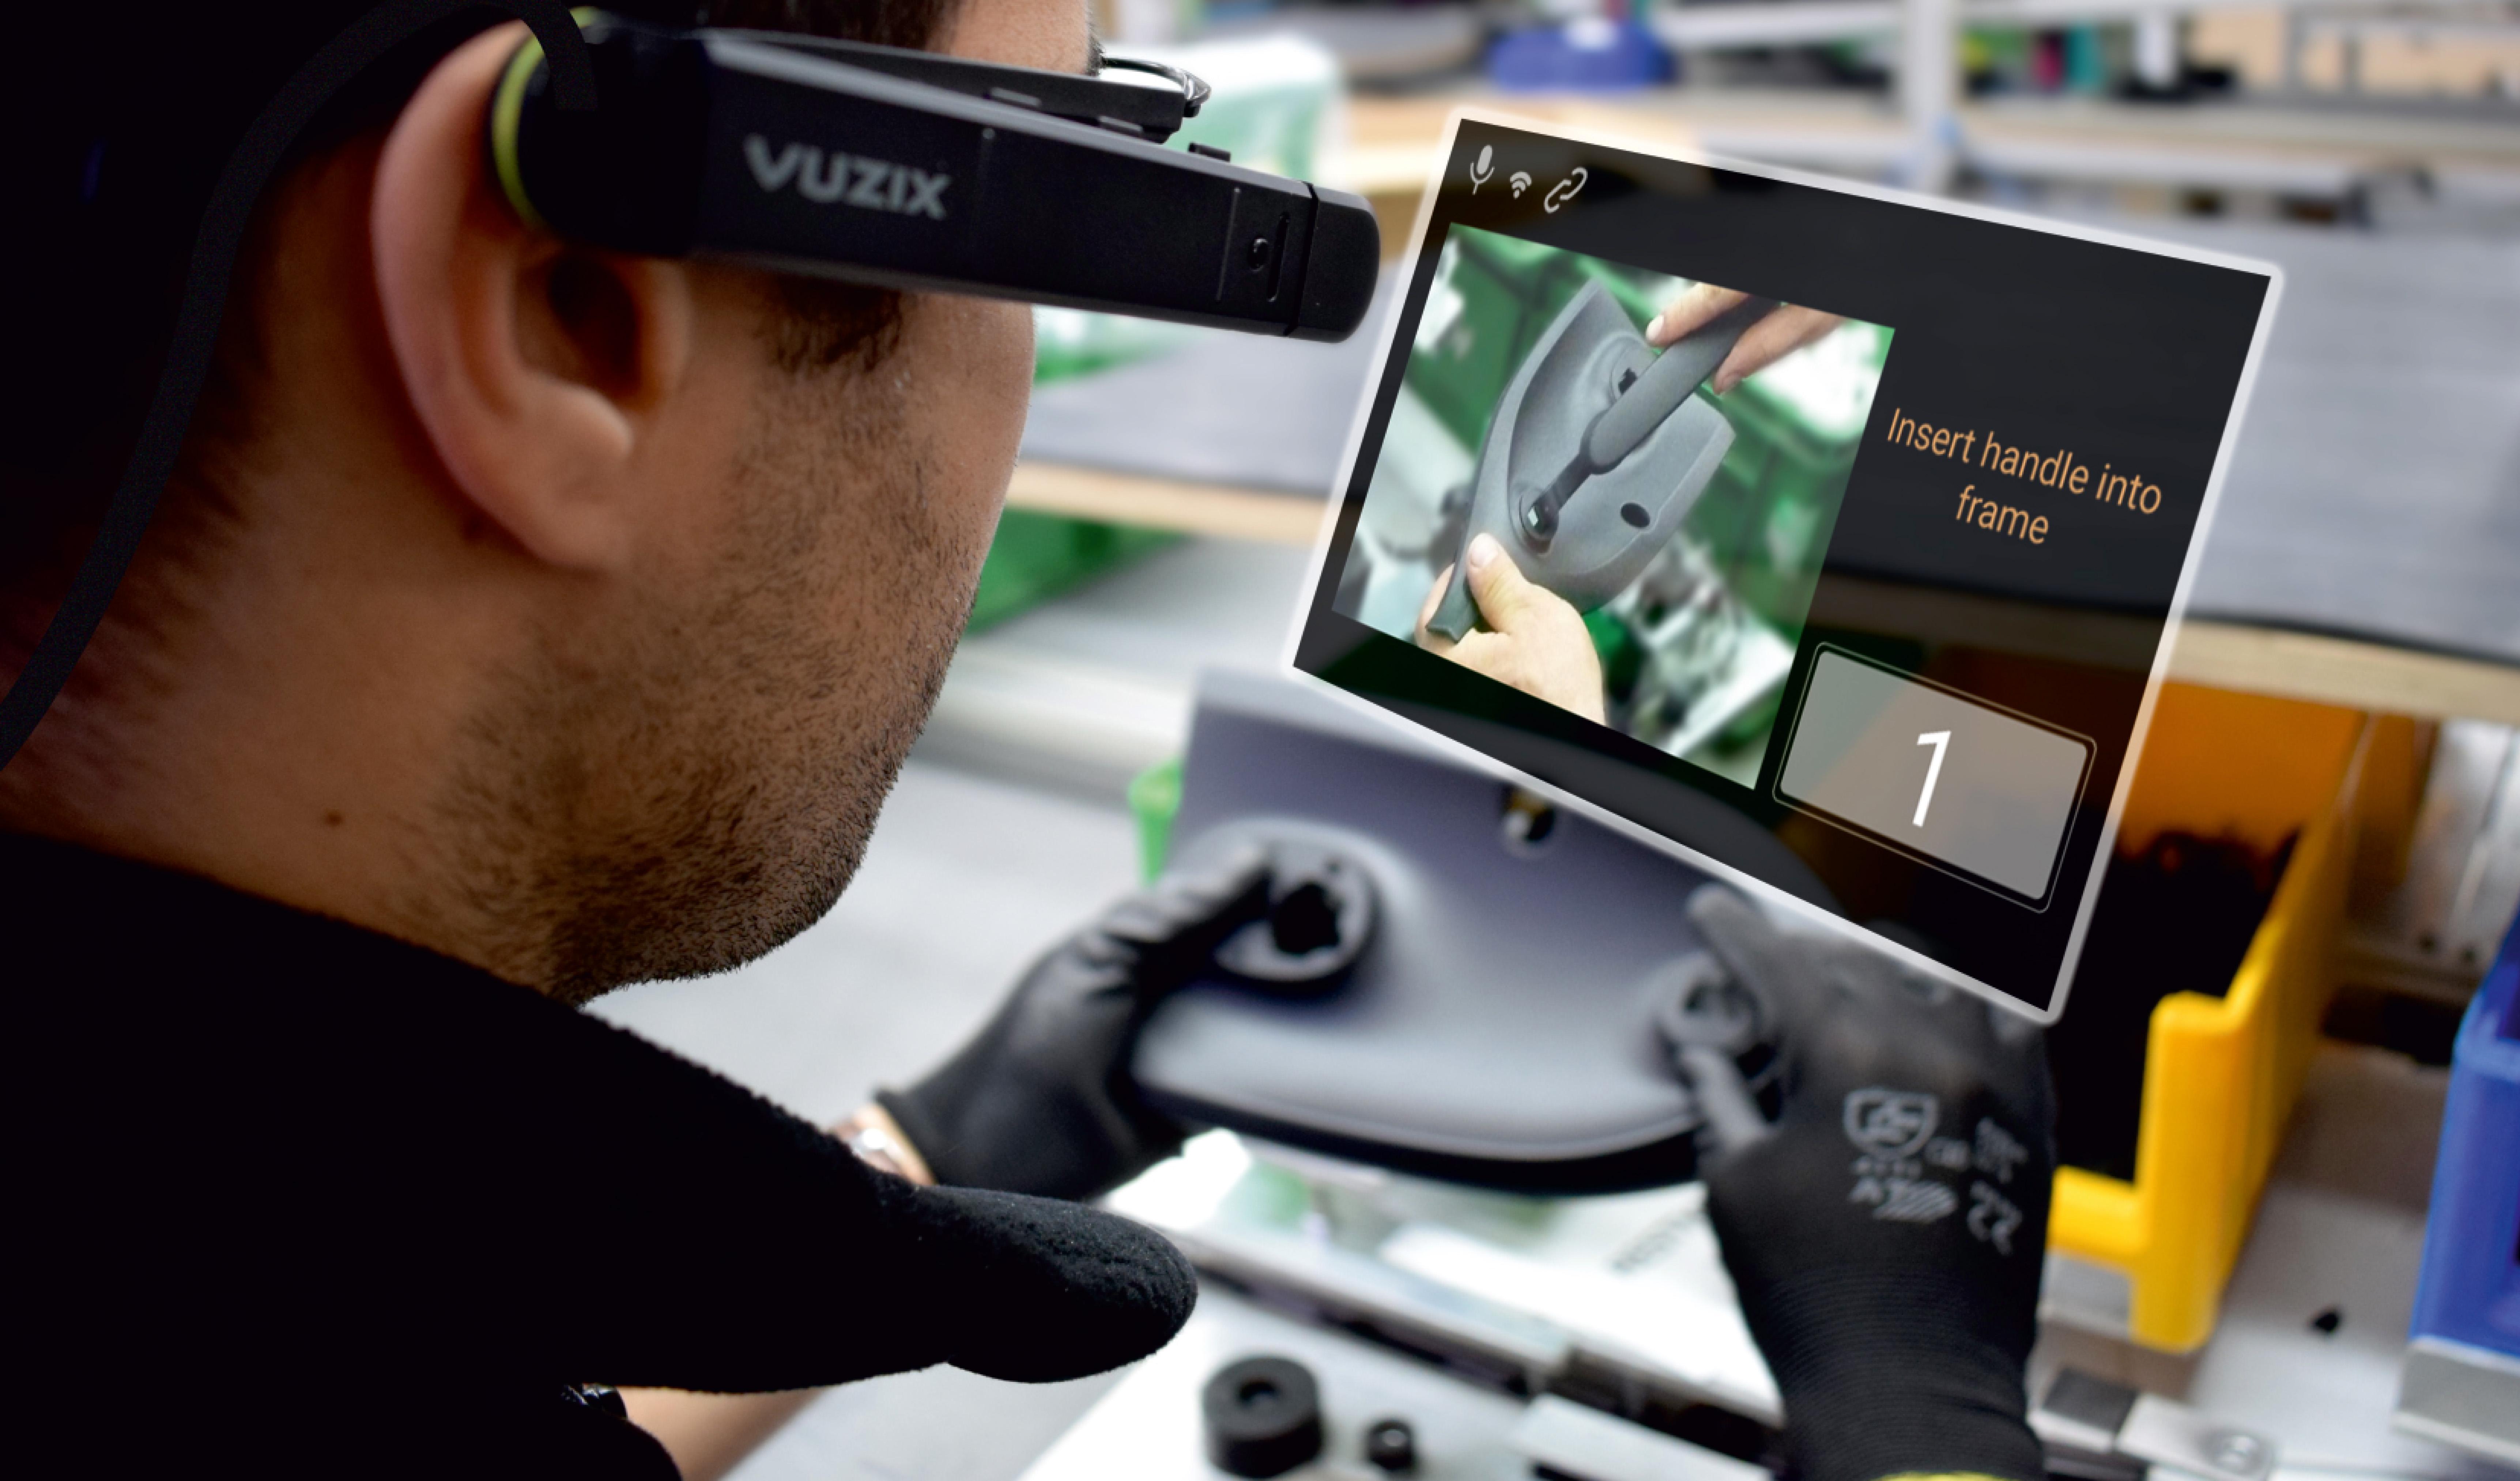 Arbeit mit VR-Brille